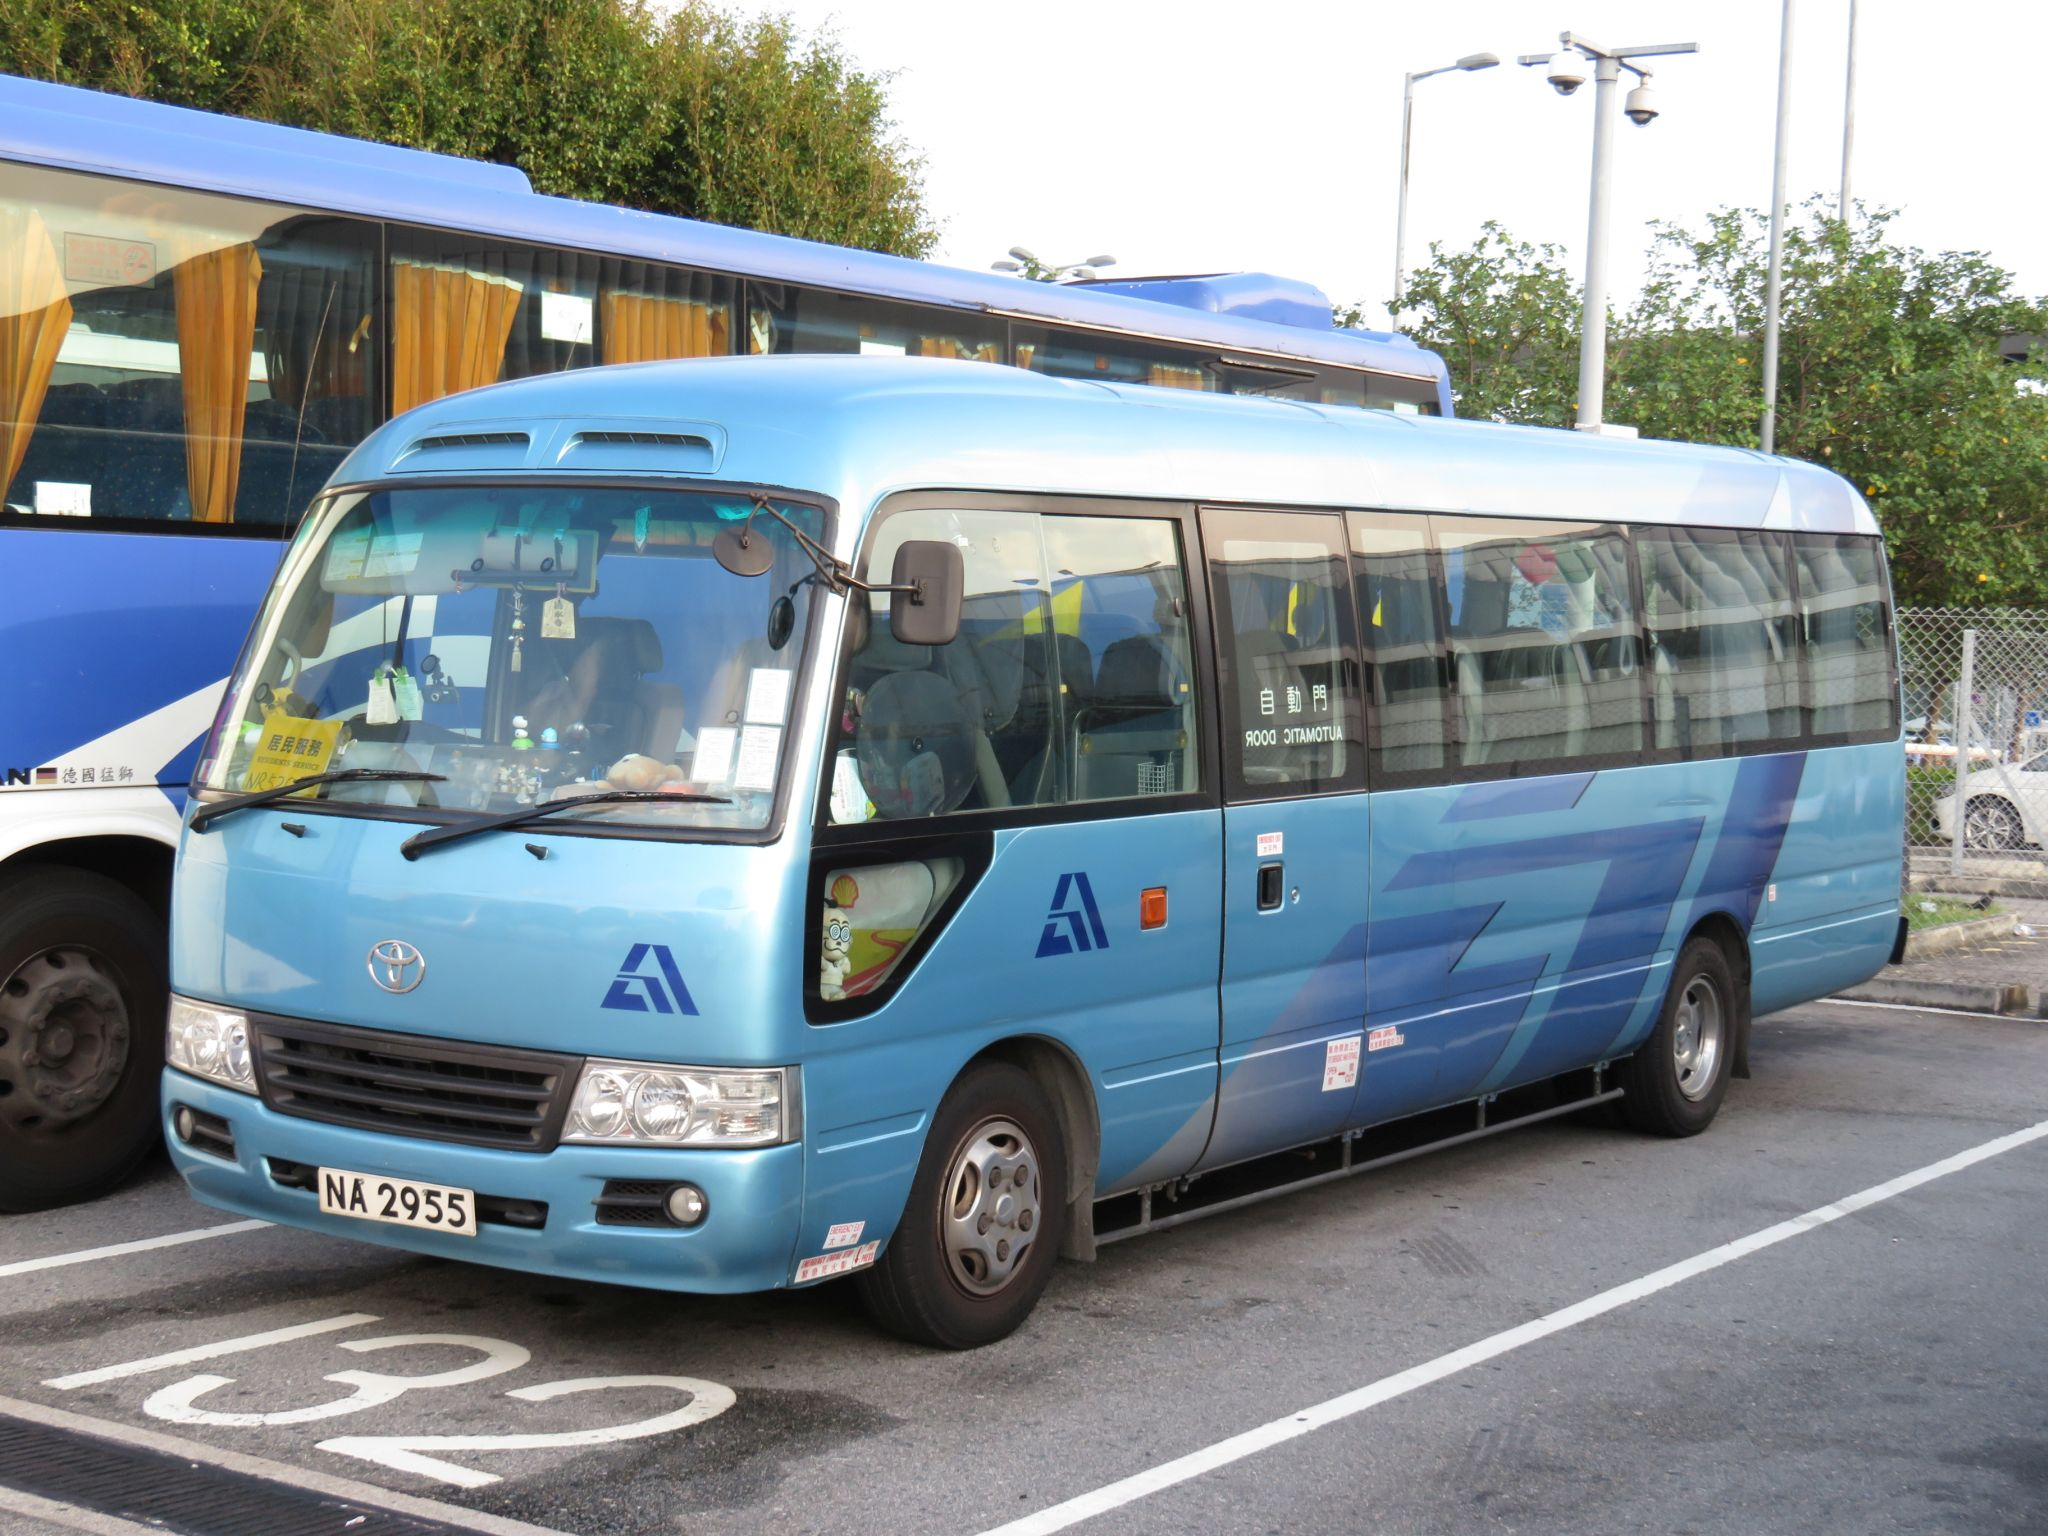 居民巴士NR520線